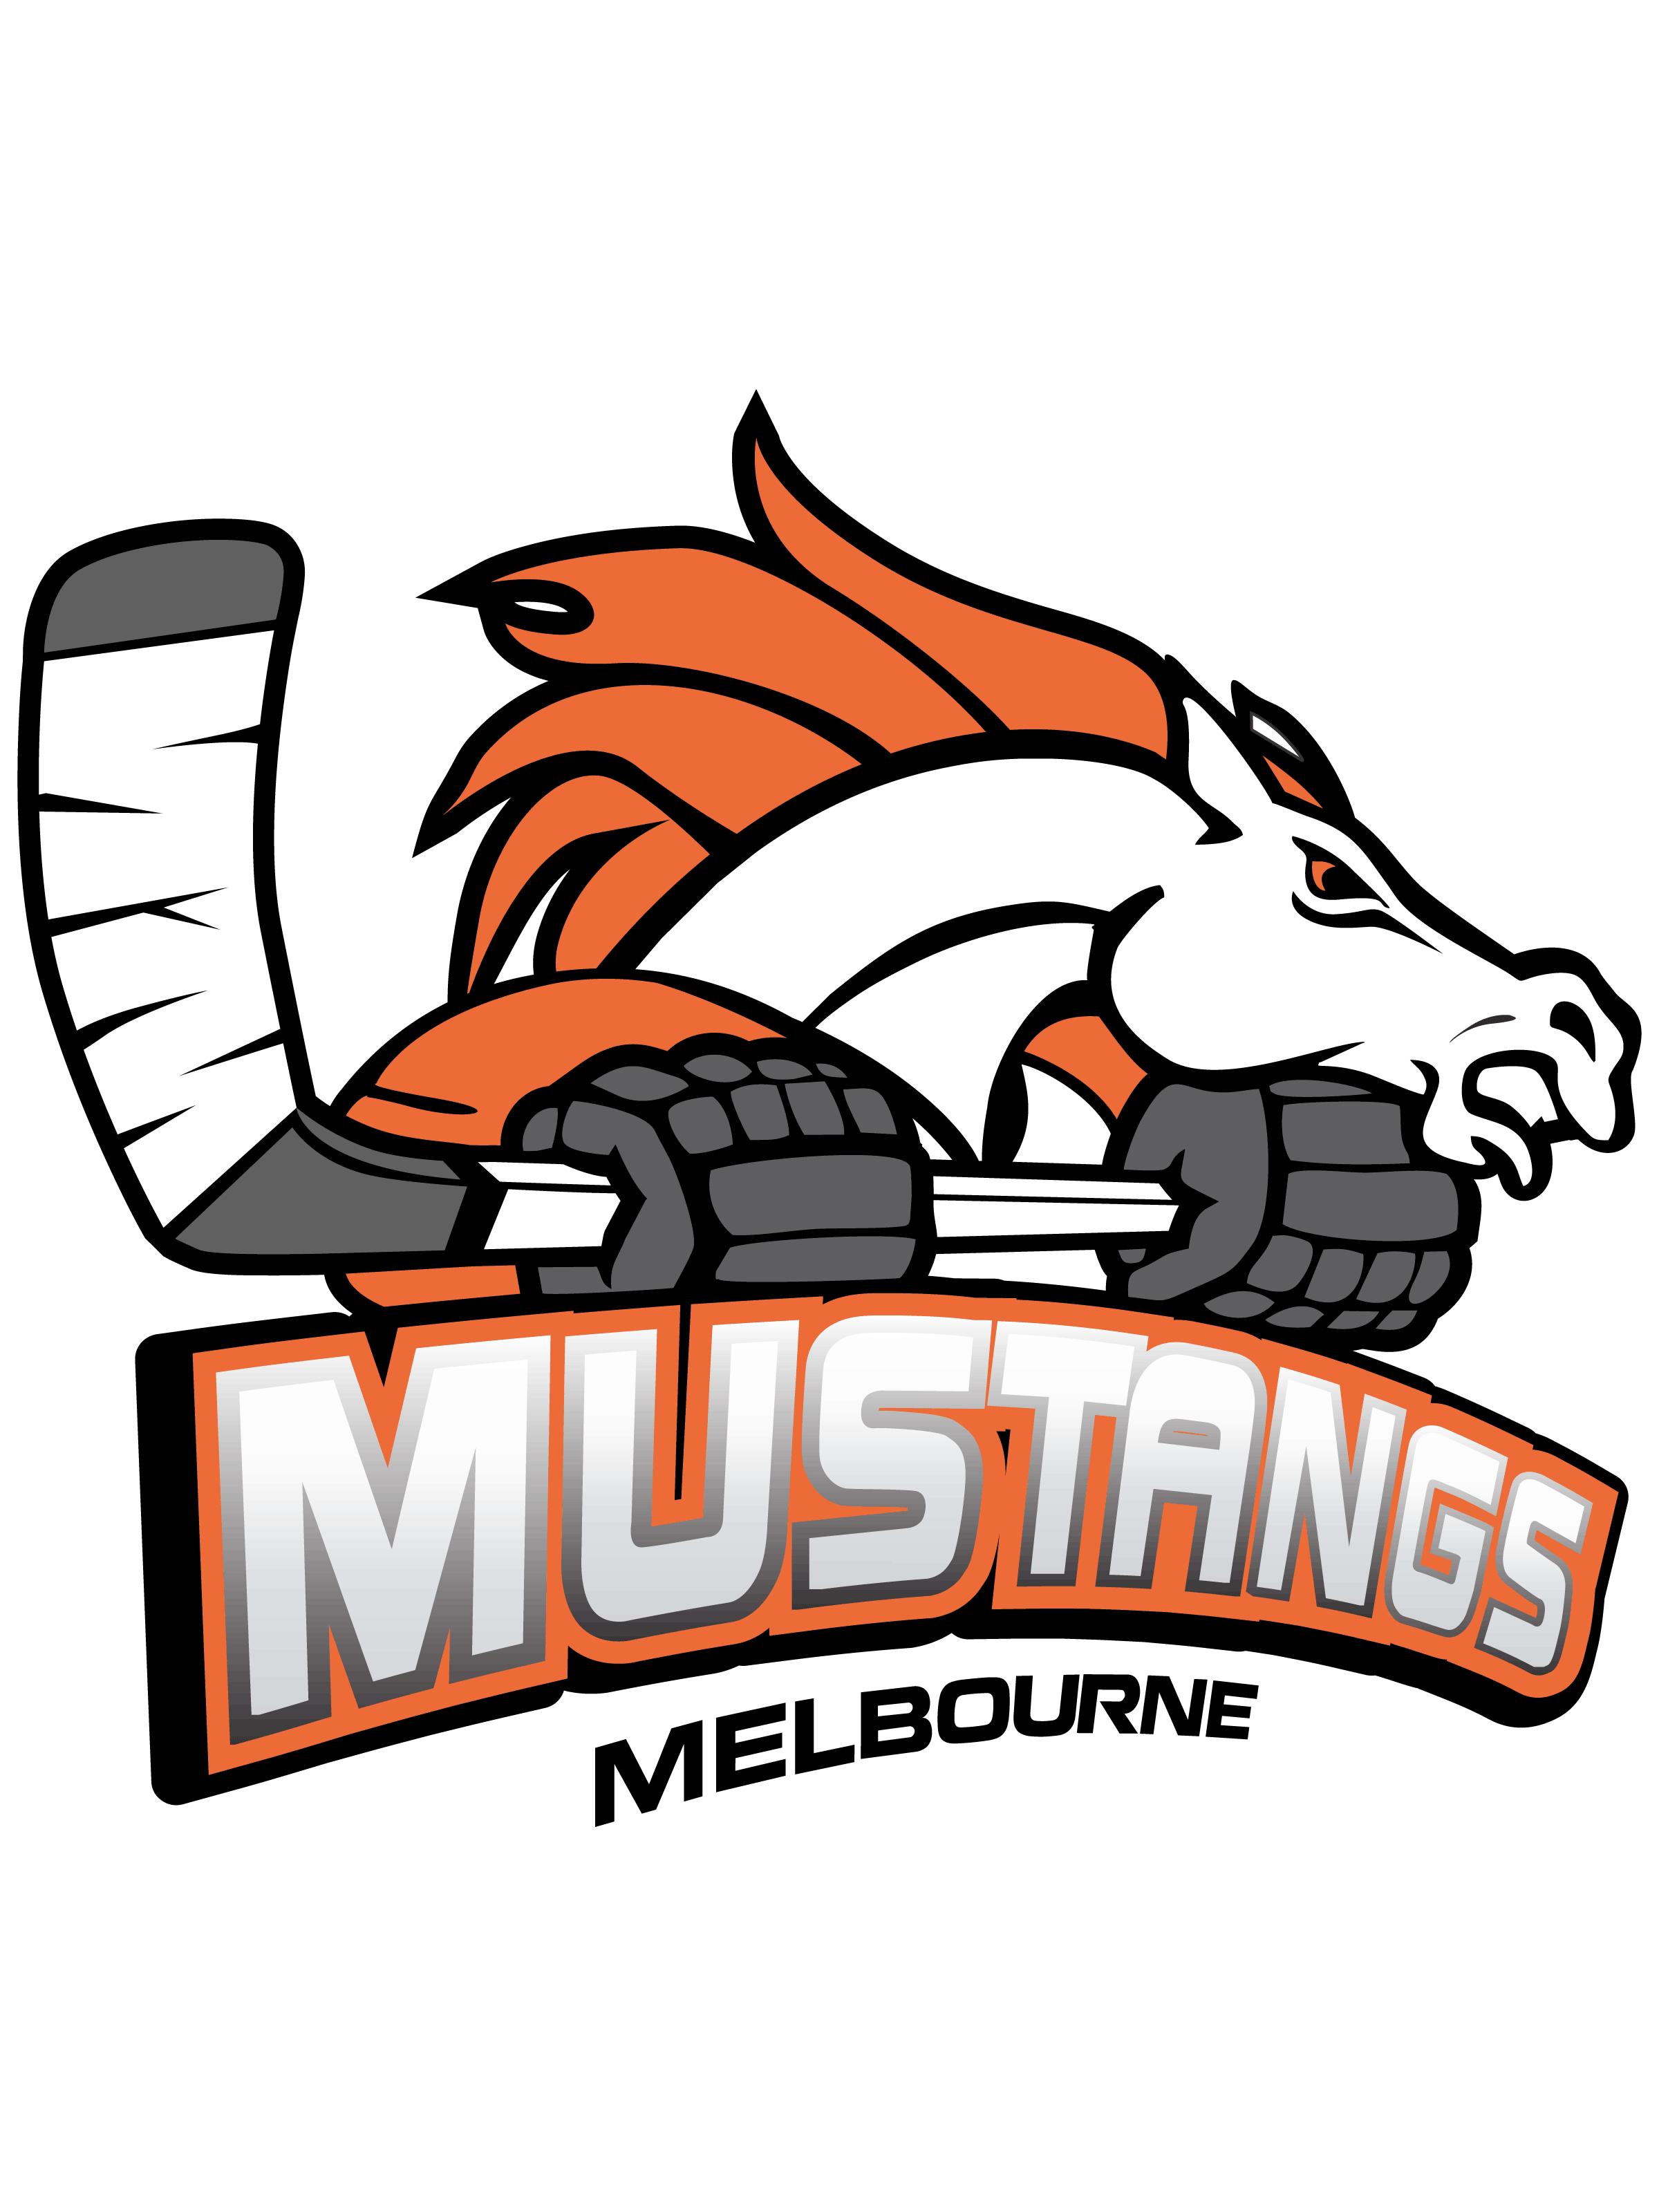 077_Mustangs_logo.png